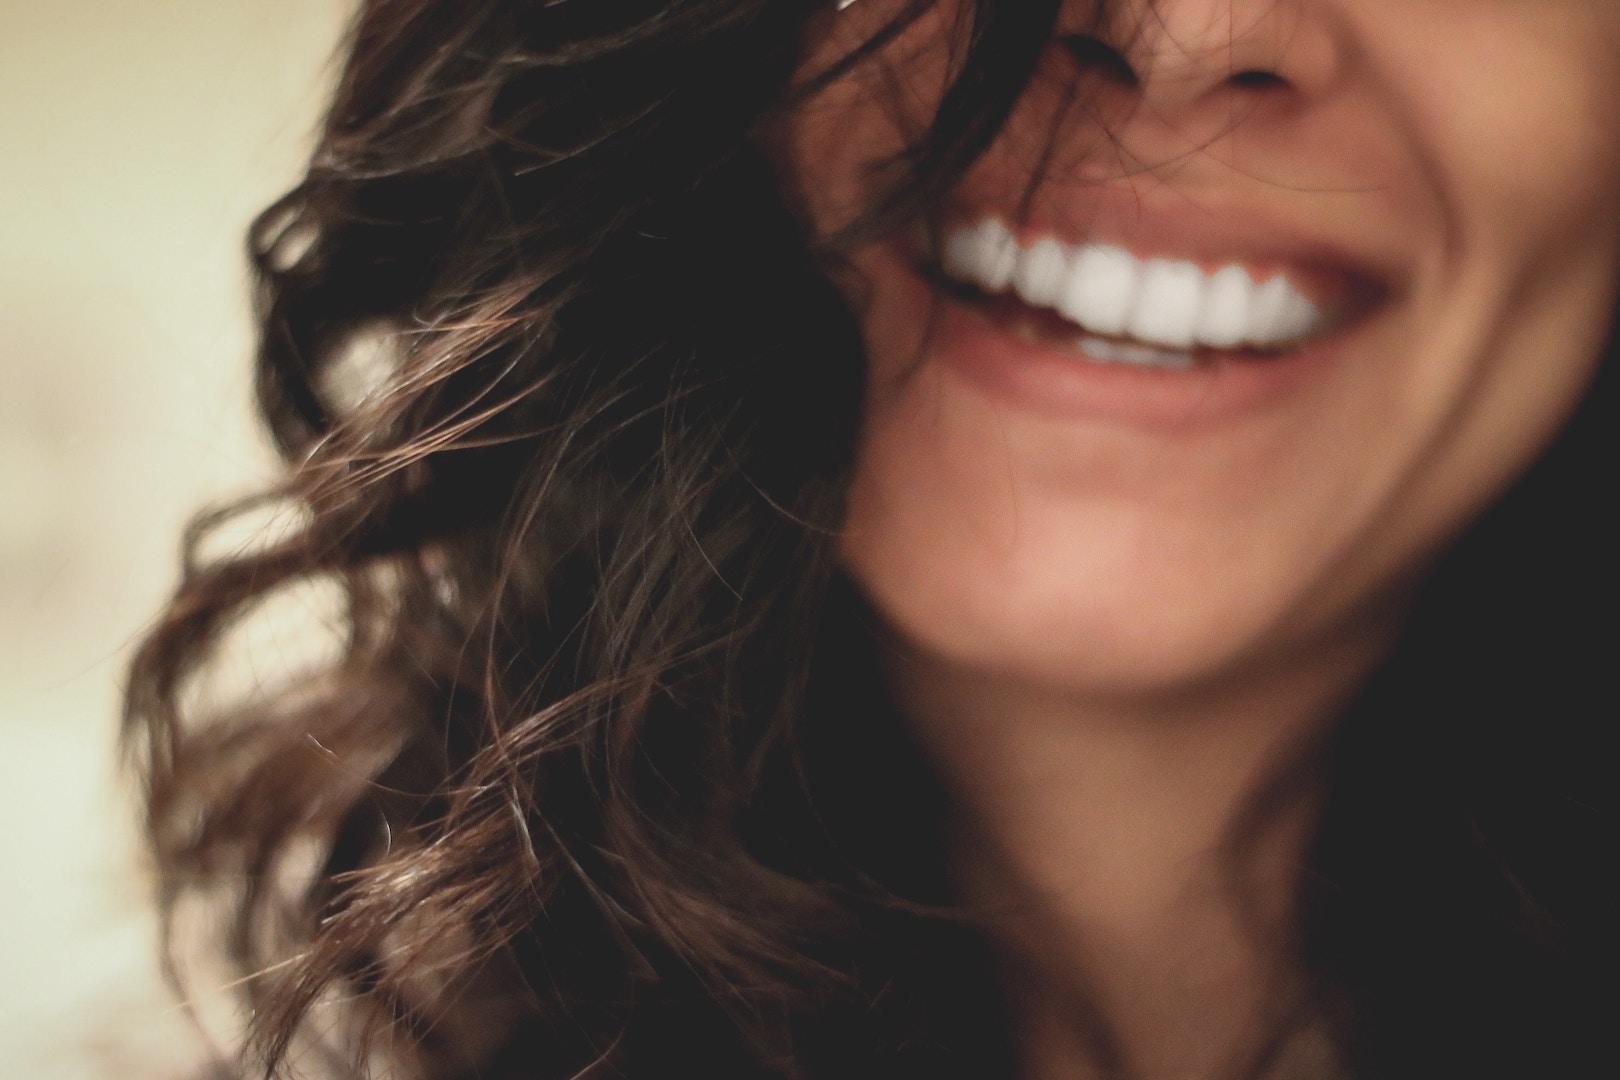 Luksusowe zapachy do gabinetu stomatlogicznego podnoszą odczucie prestiżu.